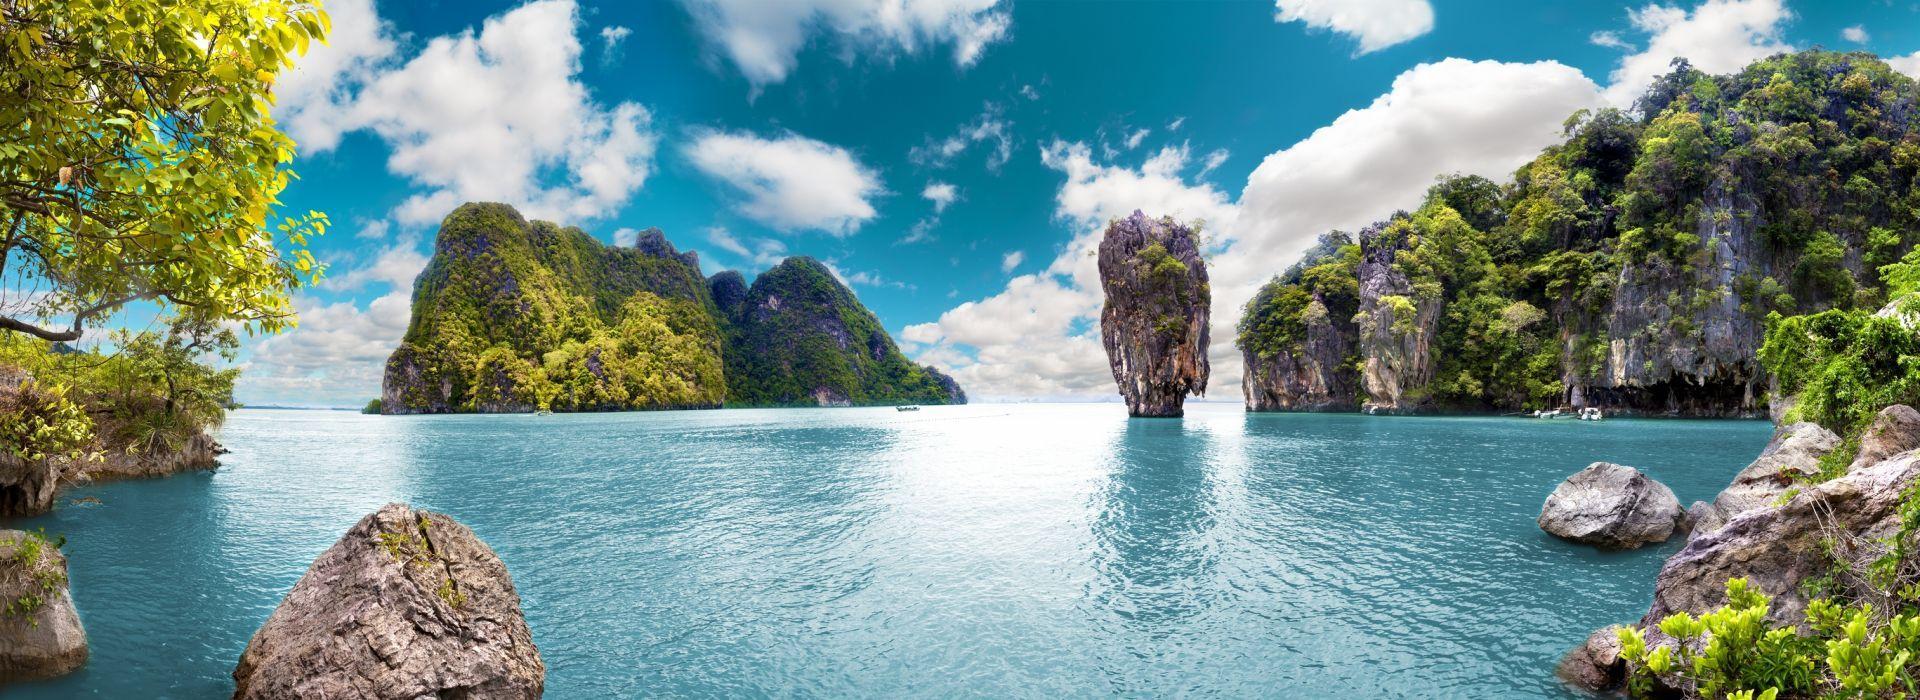 Waterfalls Tours in Bangkok